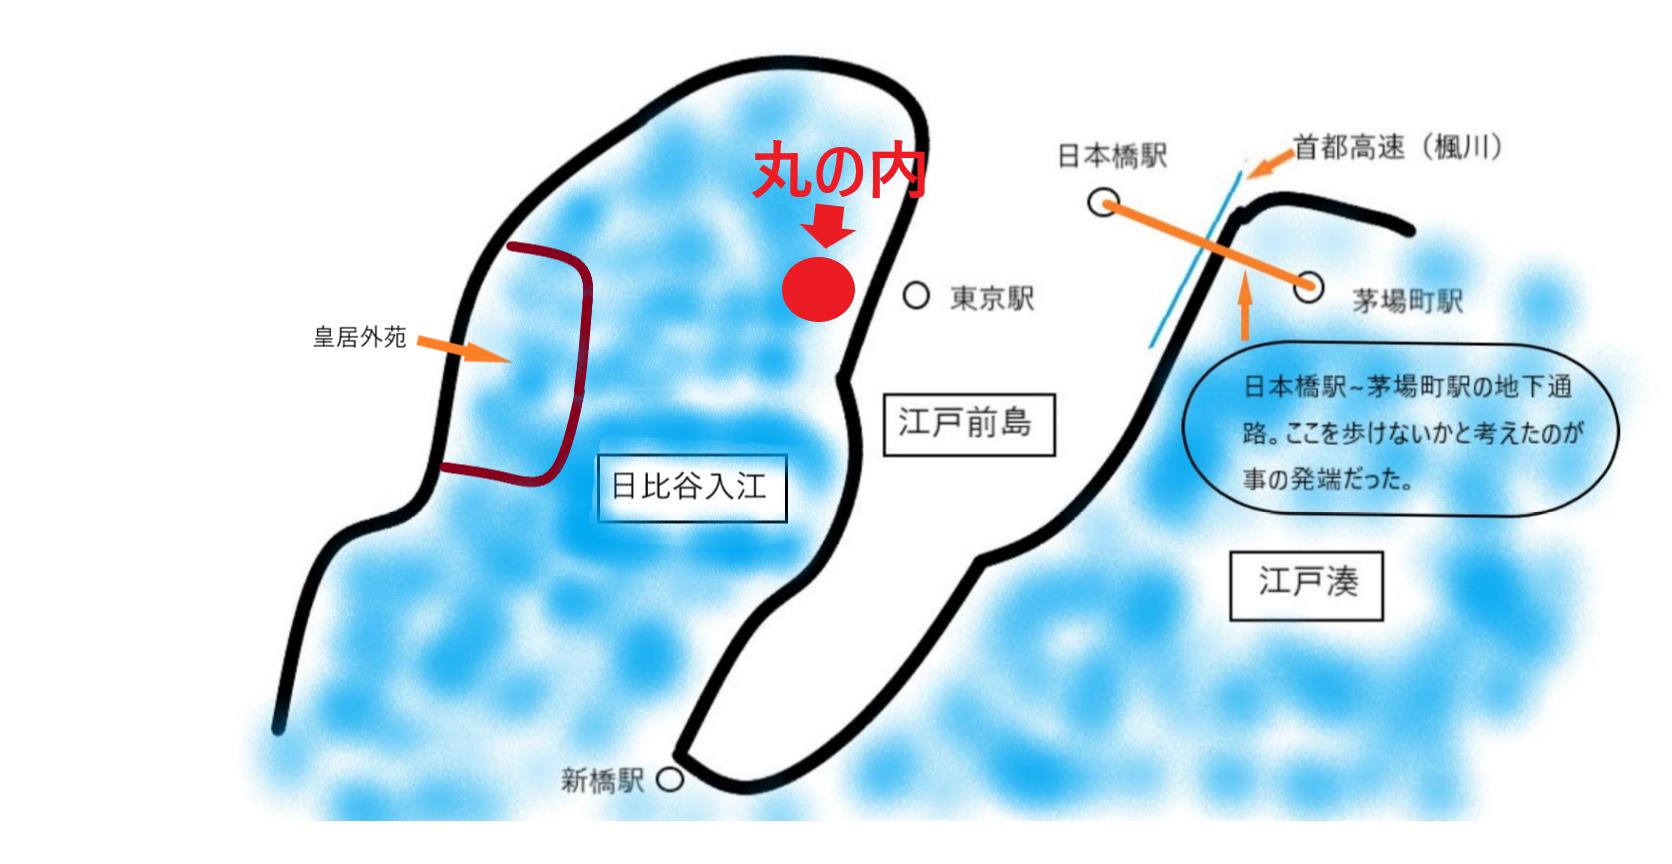 日比谷入江 モナリザ